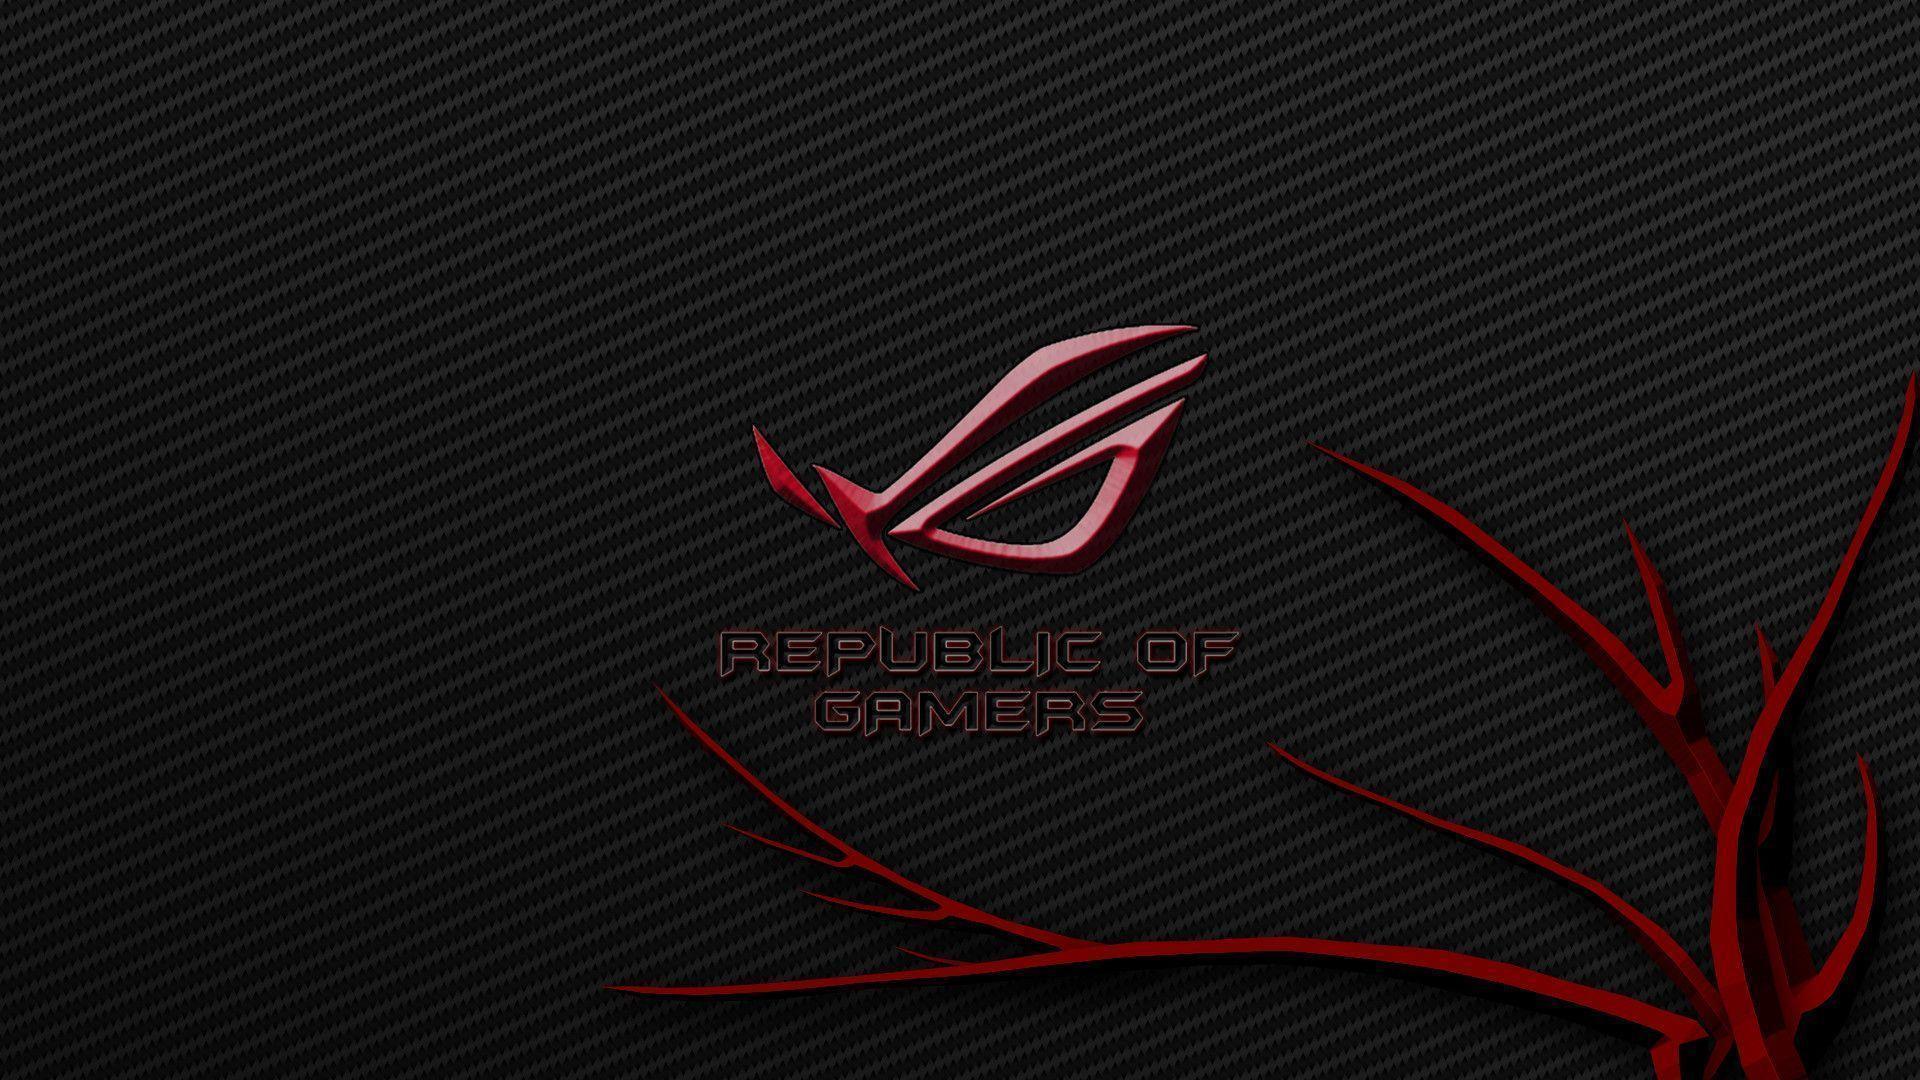 Red Asus Wallpaper: Asus Republic Of Gamers Wallpapers